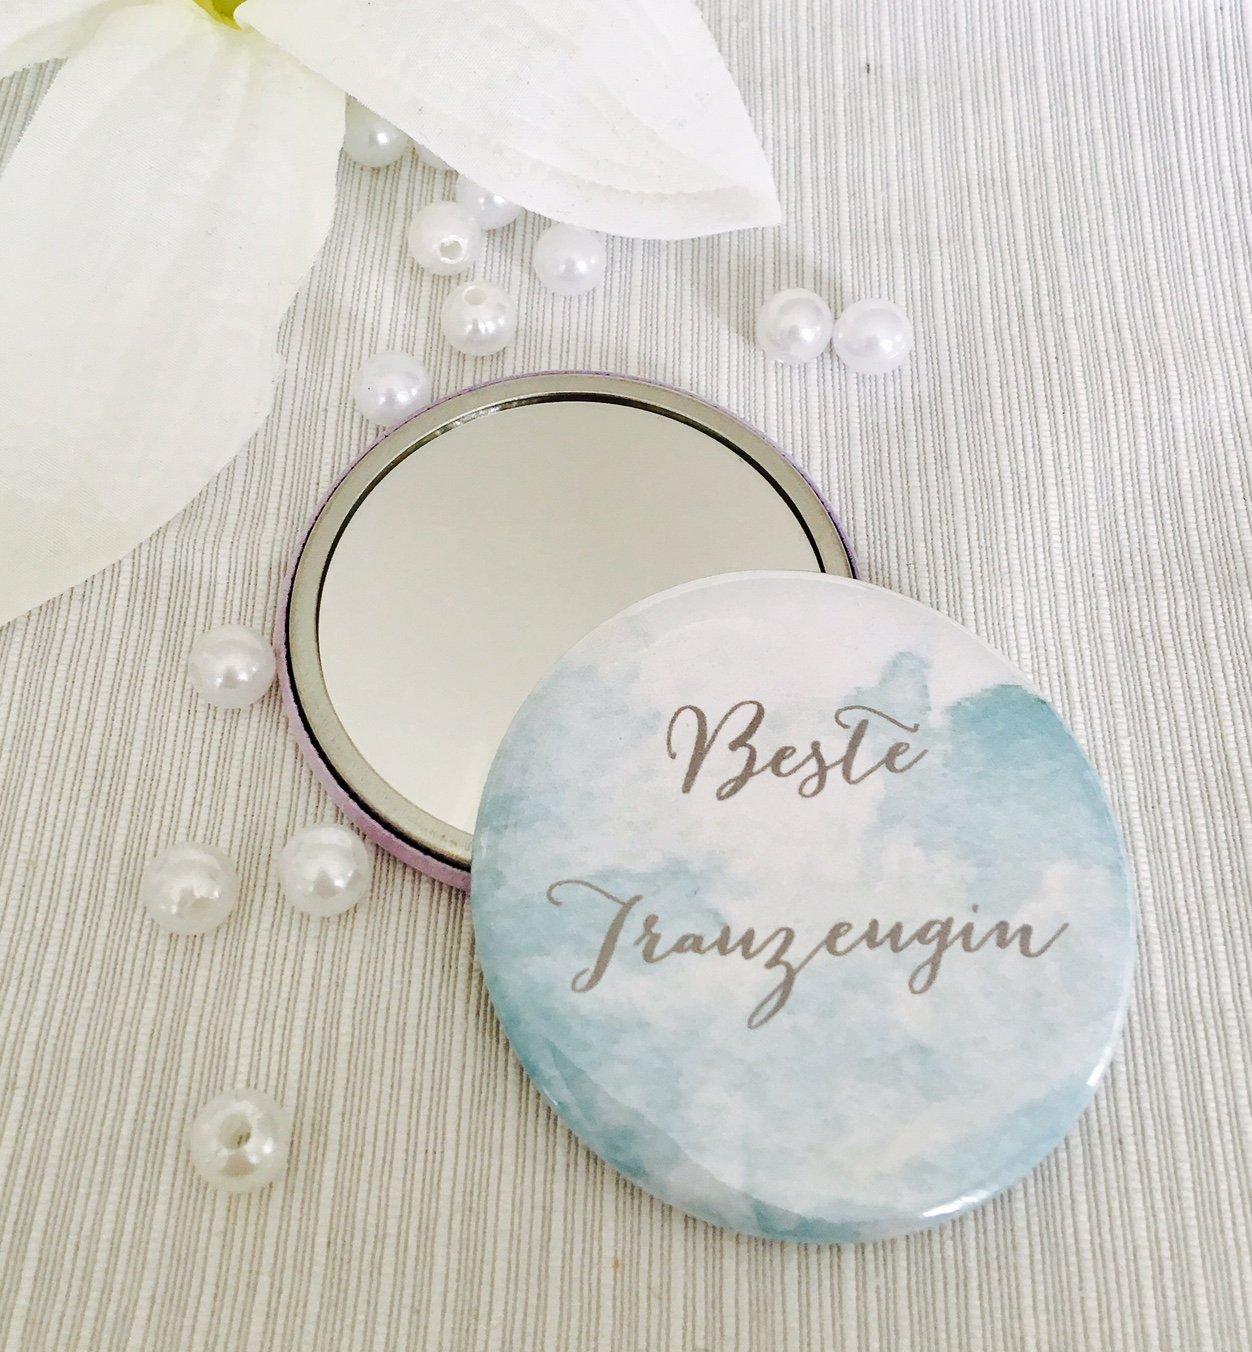 Handspiegel Button Beste Trauzeugin für Ihre Hochzeit, ideales Geschenk, Heiraten, Spiegel (grün) Spiegel (grün) Buntermix